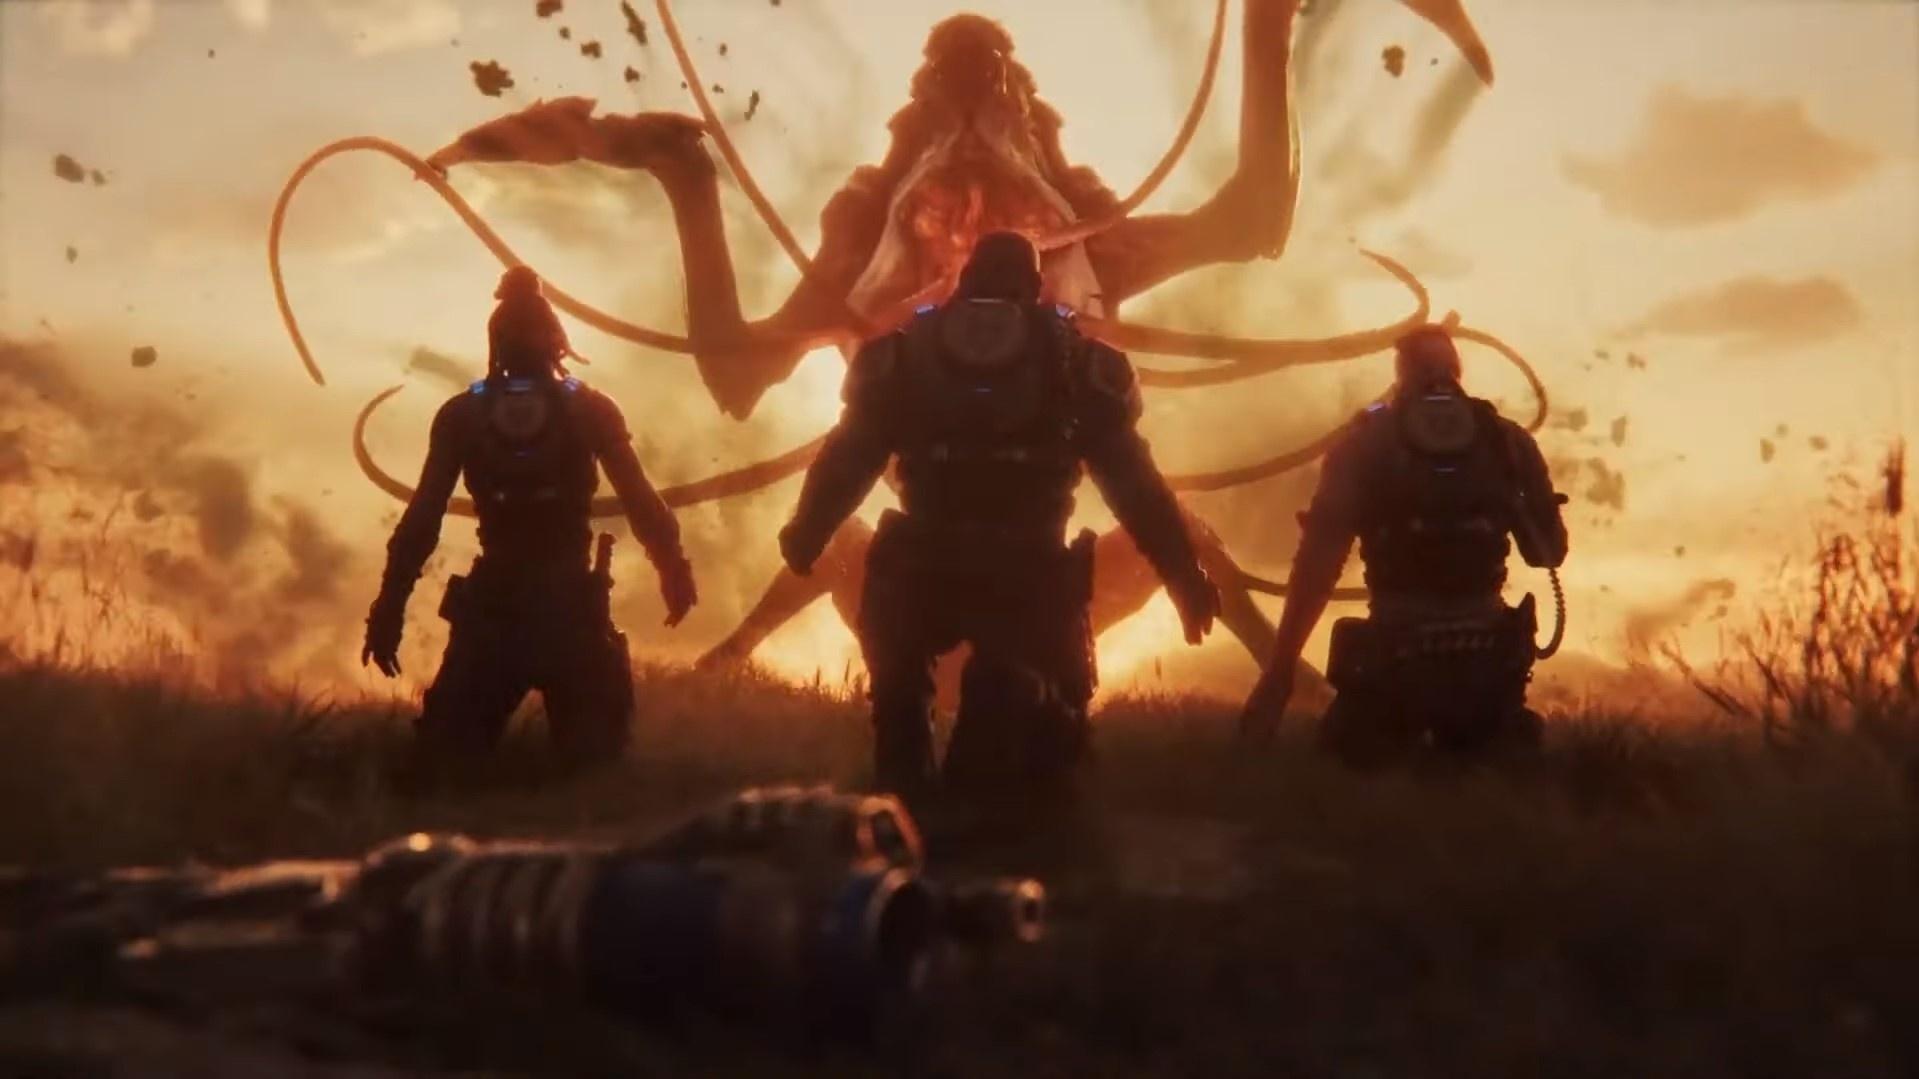 Microsoft впервые показала сюжетную кампанию Gears5, предупредив о спойлерах